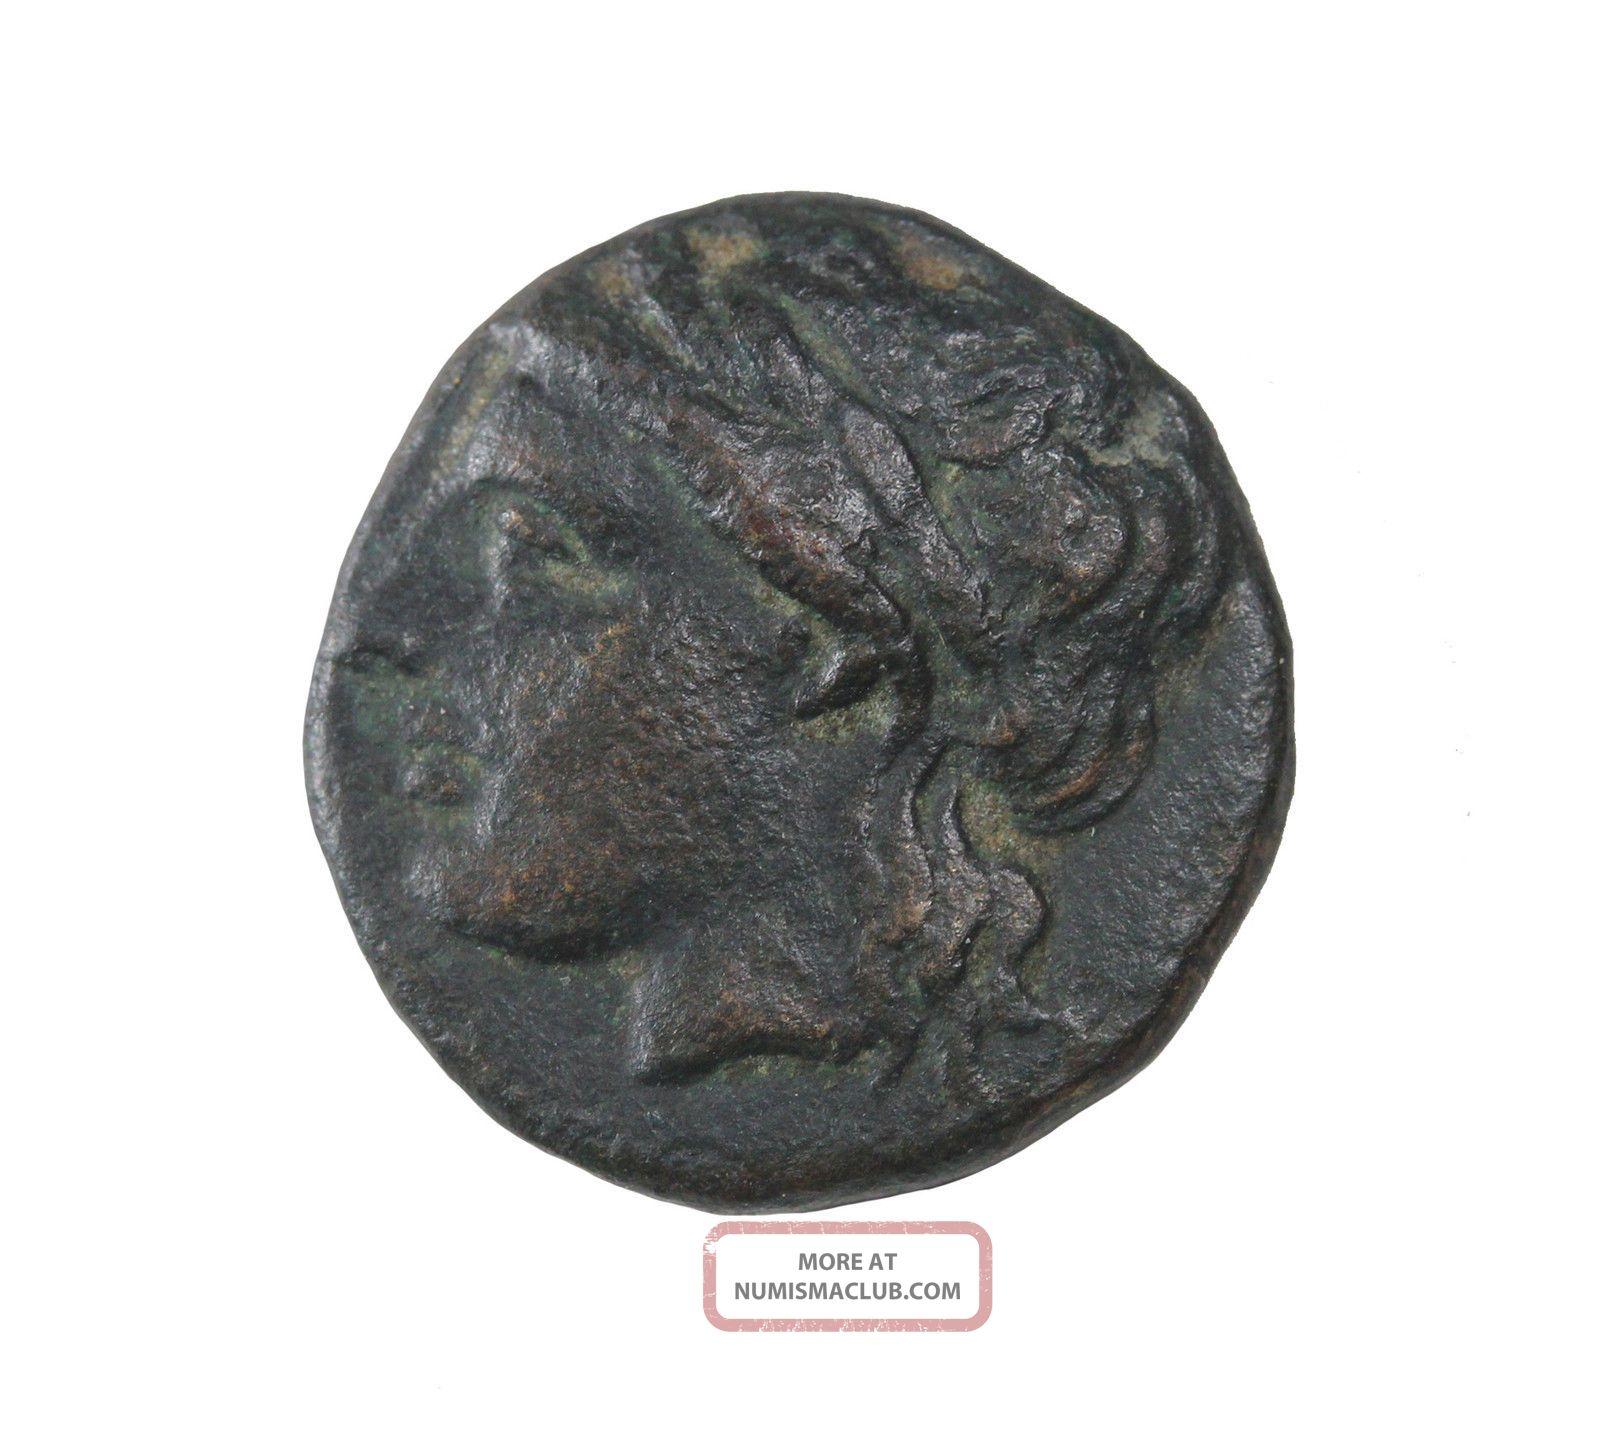 Troas Alexandria Ae15 3rd - 2nd Century Bc Ancient Greek Coin Apollo Horse Coins: Ancient photo